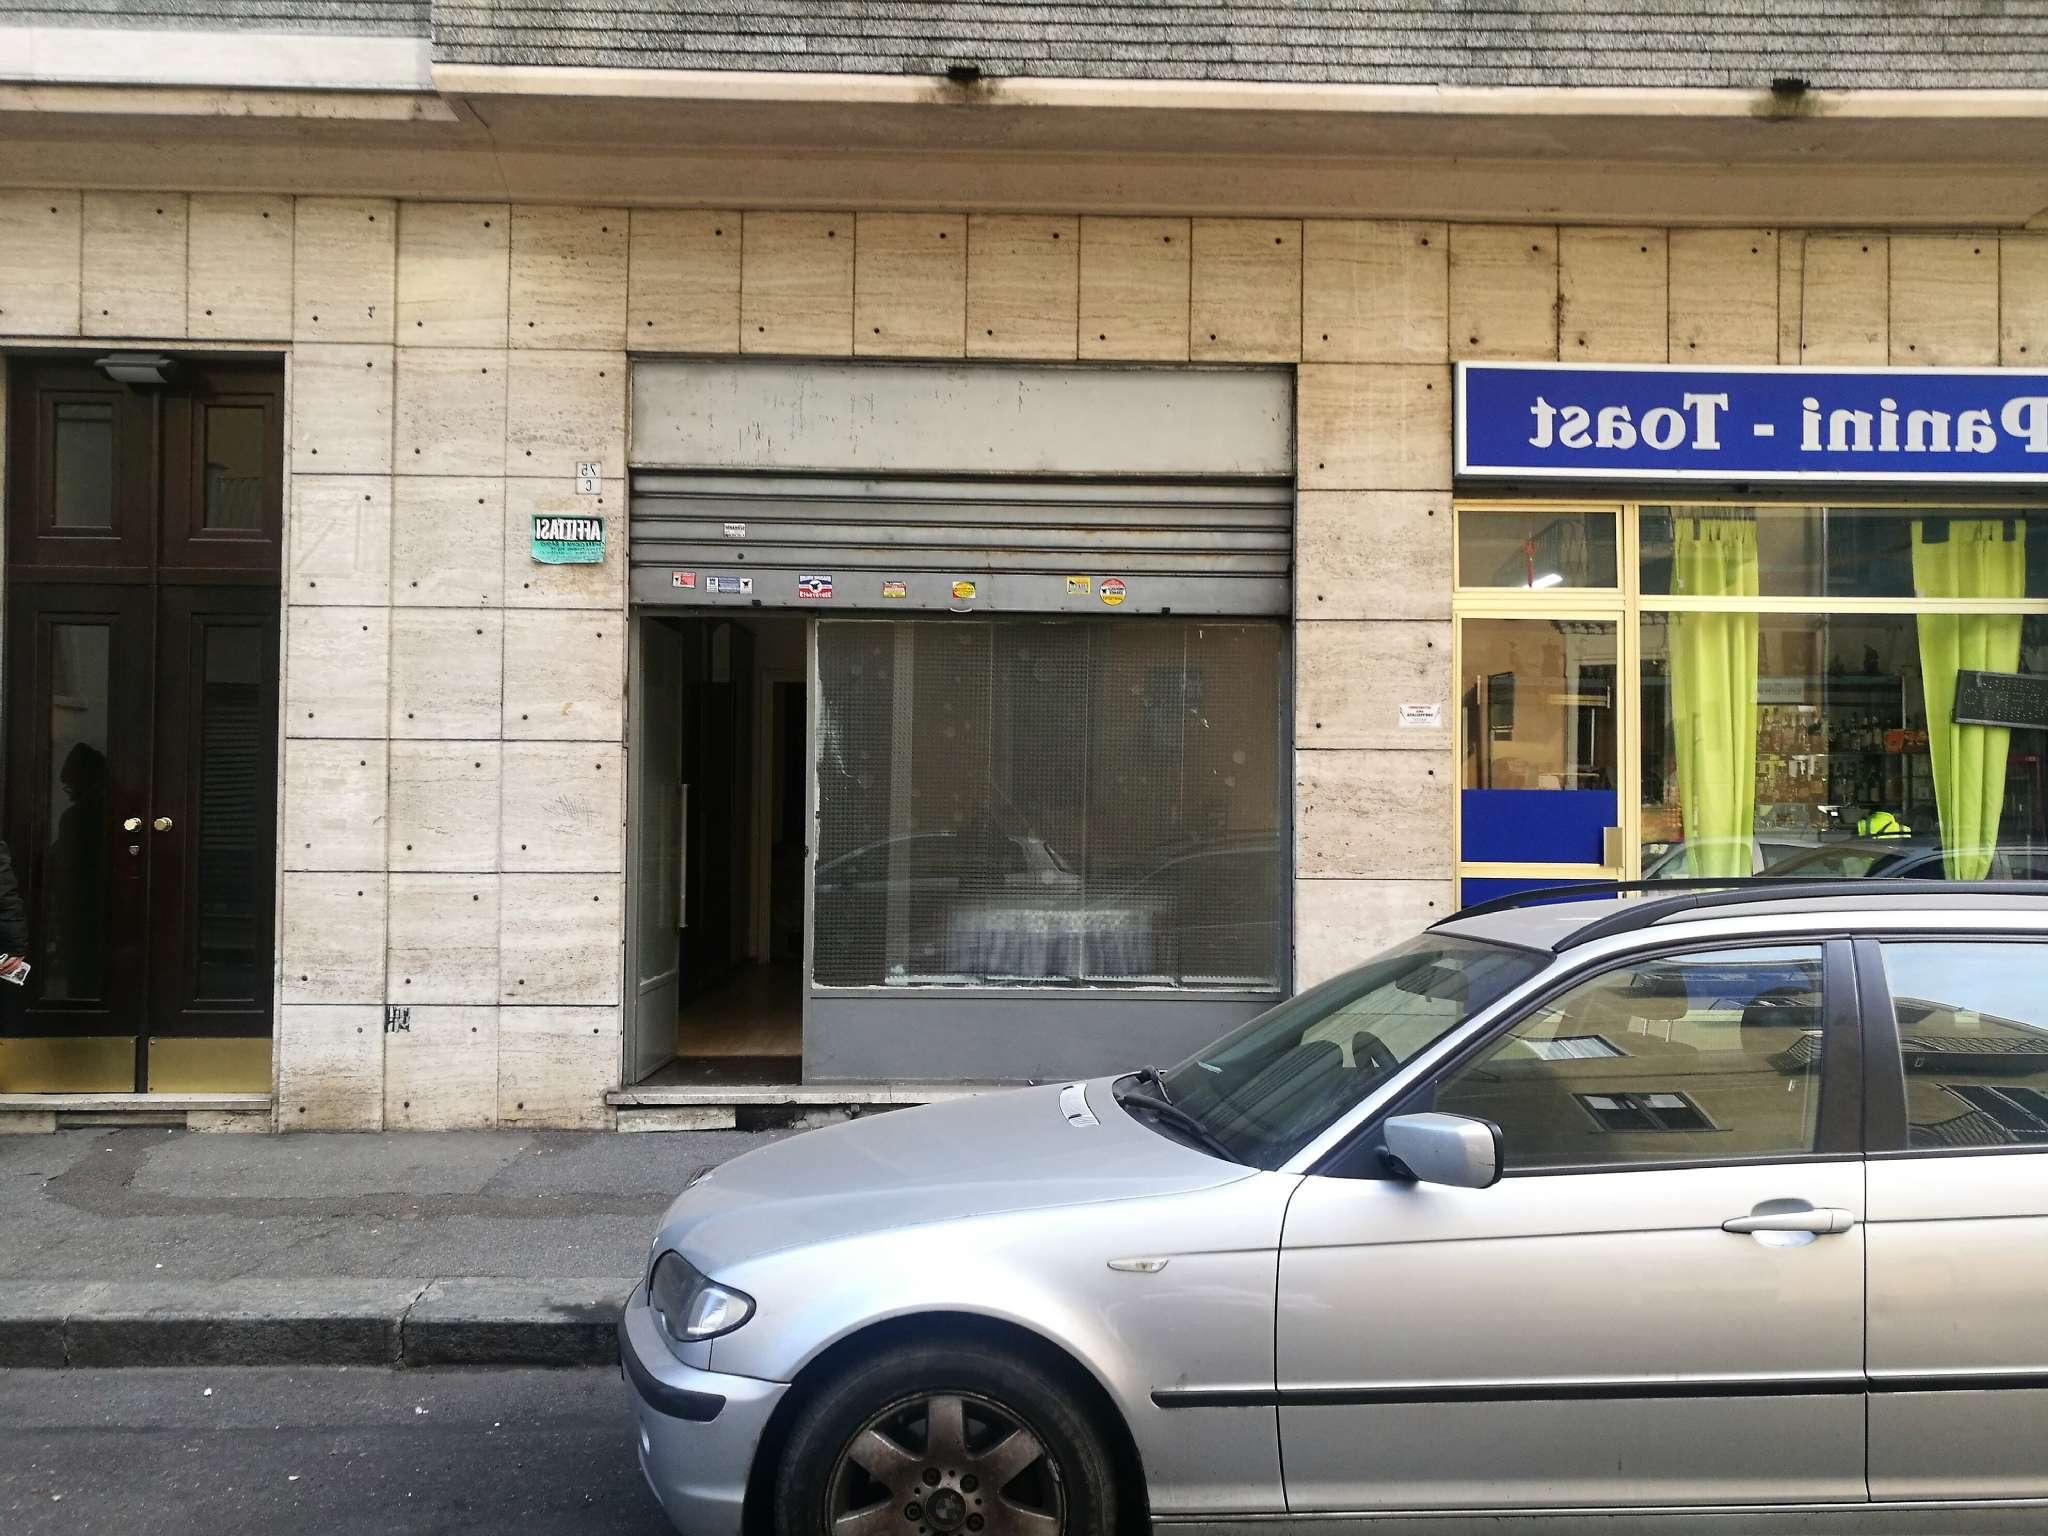 Negozio in vendita Zona Cit Turin, San Donato, Campidoglio - fondamenta Via Principessa Clotilde Torino